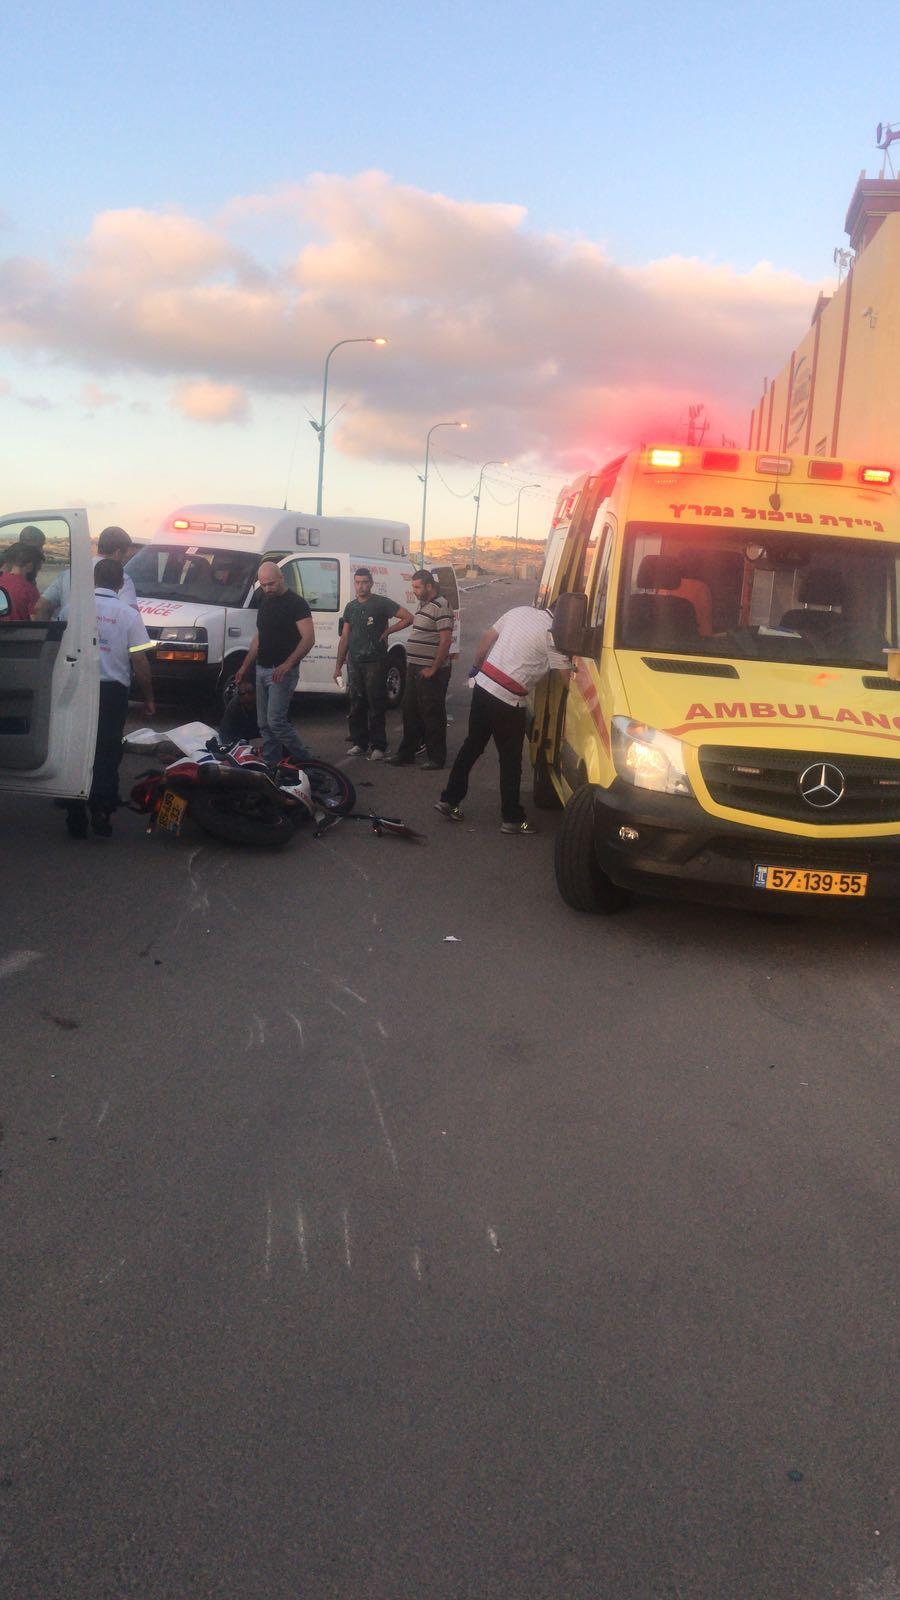 طمرة: مصرع شاب في حادث دراجة نارية بالمنطقة الصناعية